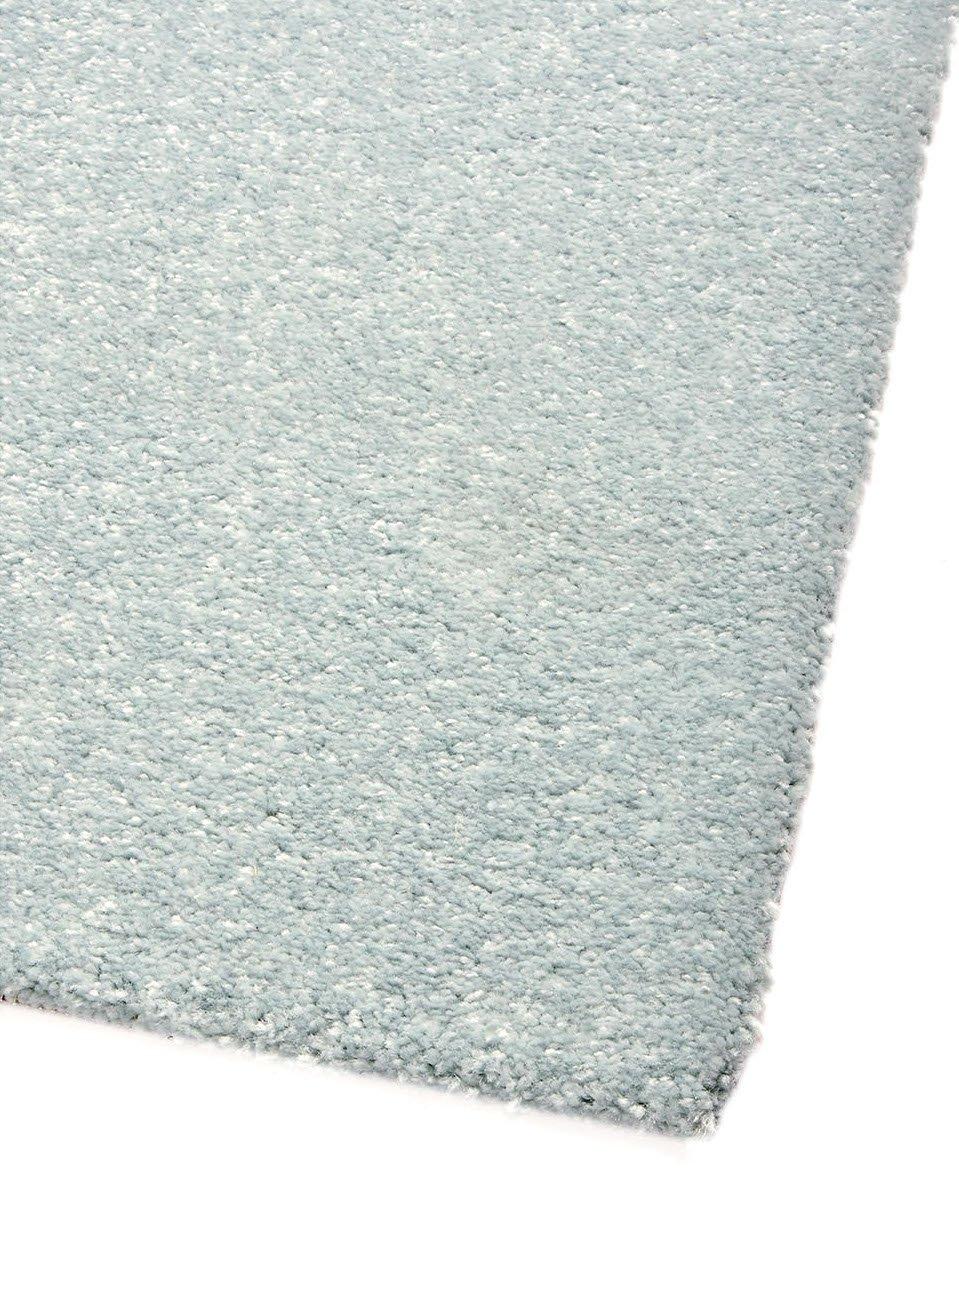 Χαλί Σαλονιού 160X230 Colore Colori Diamond 5309/030 (160x230)